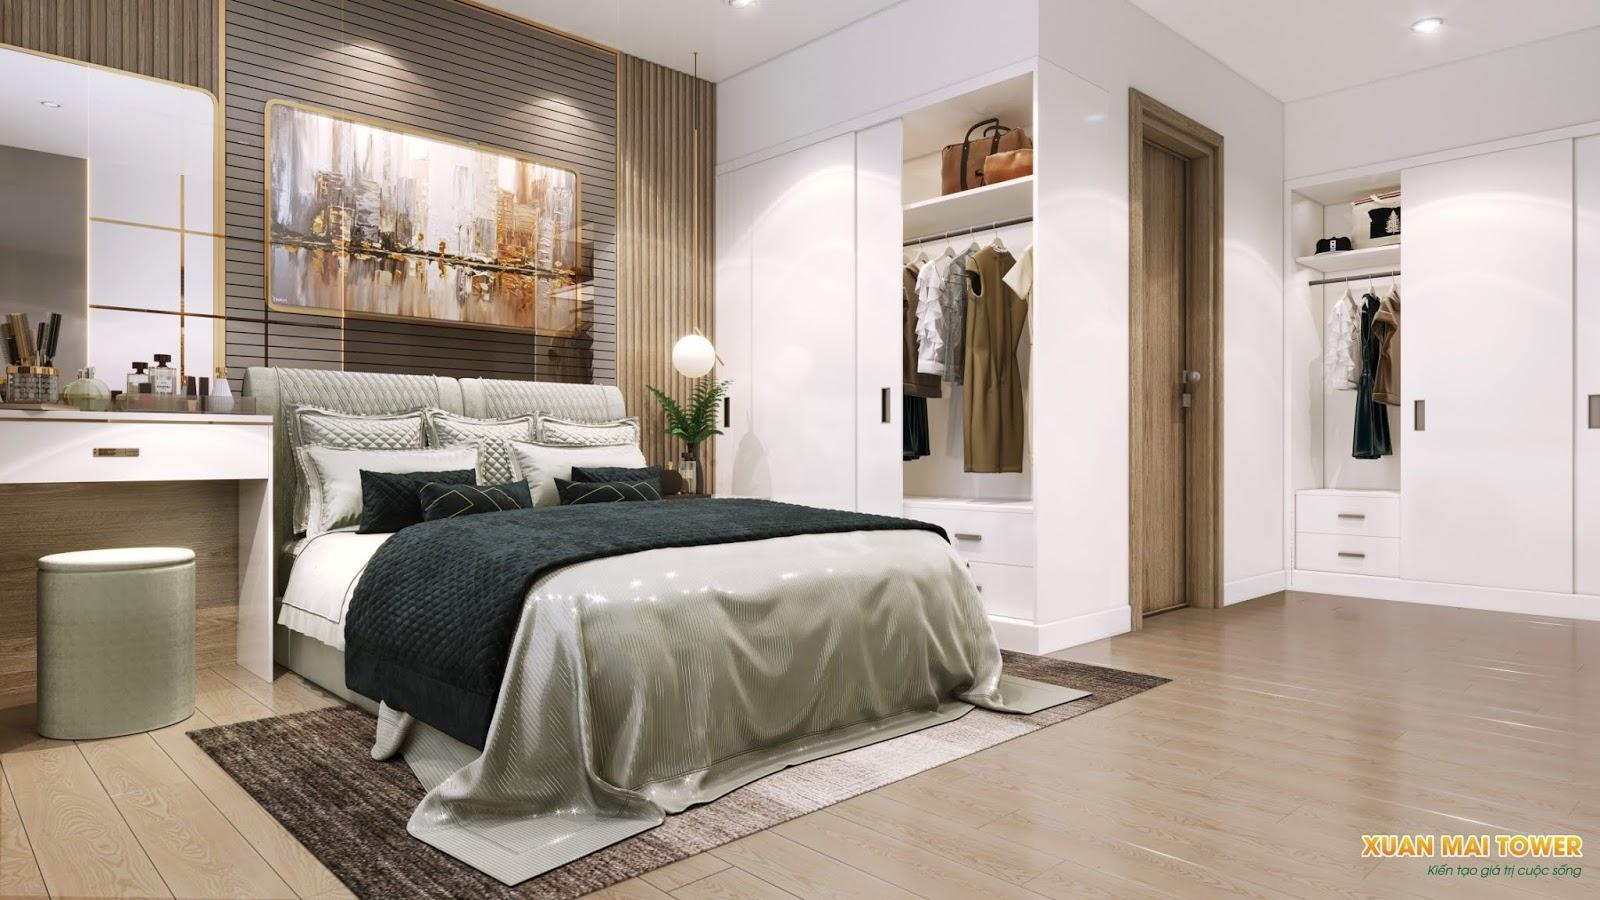 Mẫu thiết kế chung cư mới nhất 2018